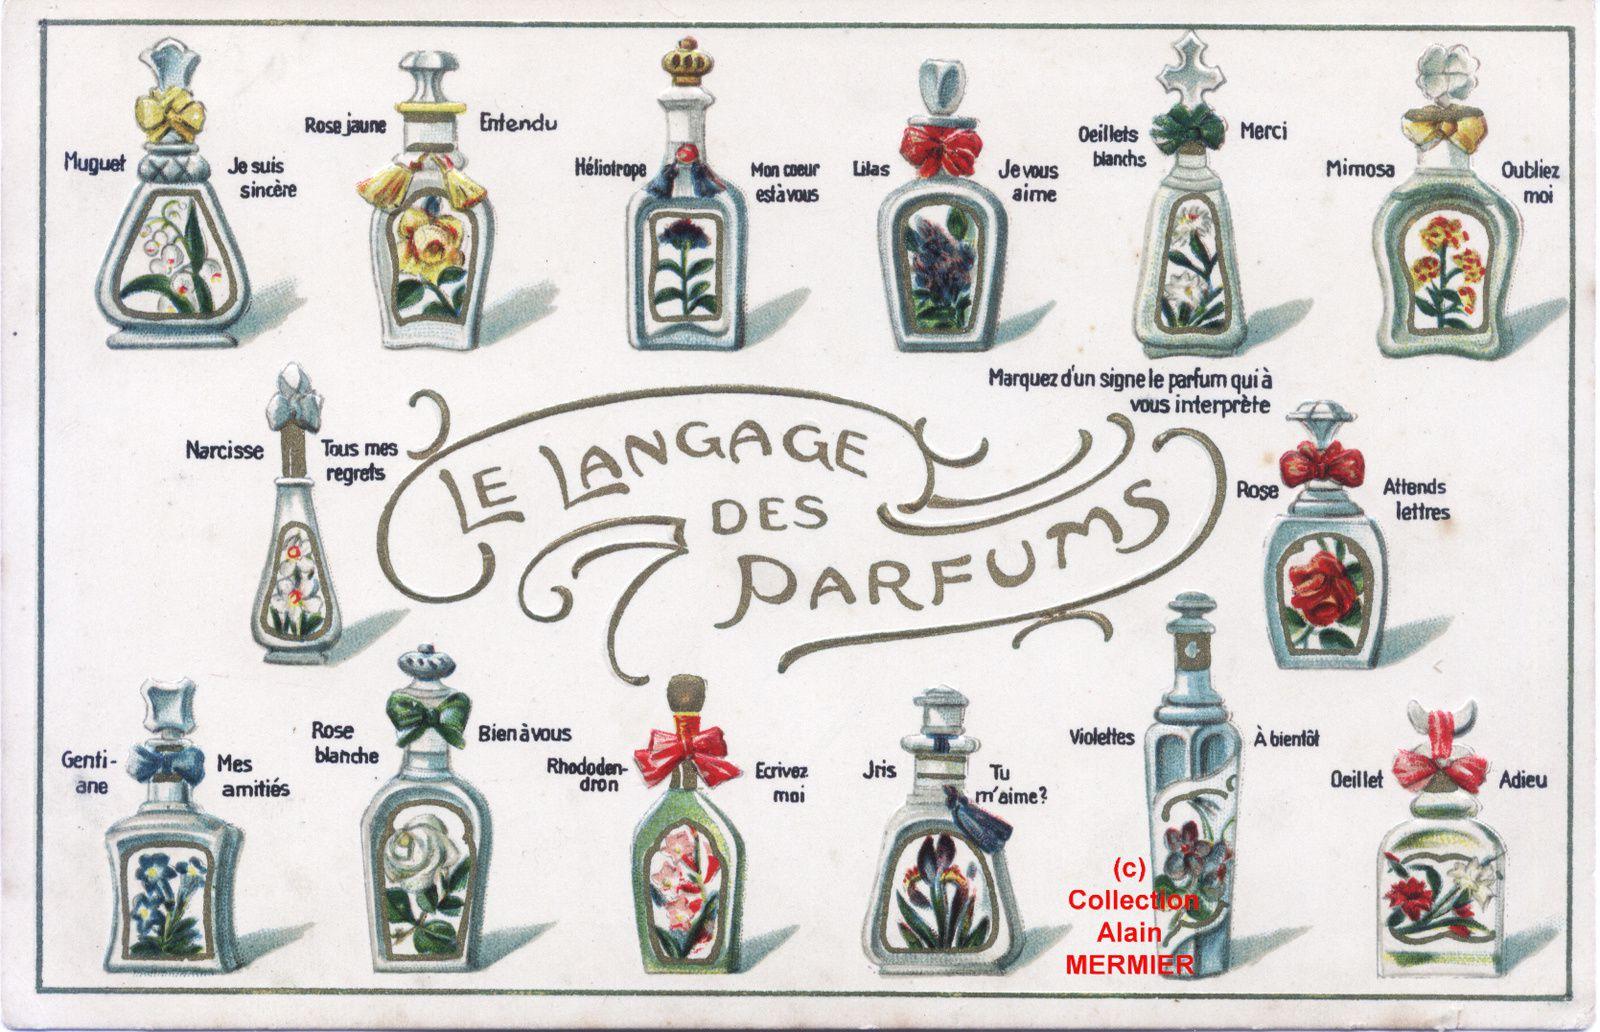 IRIS -1910- Langage des parfums : Iris : tu m'aime (sic). France.